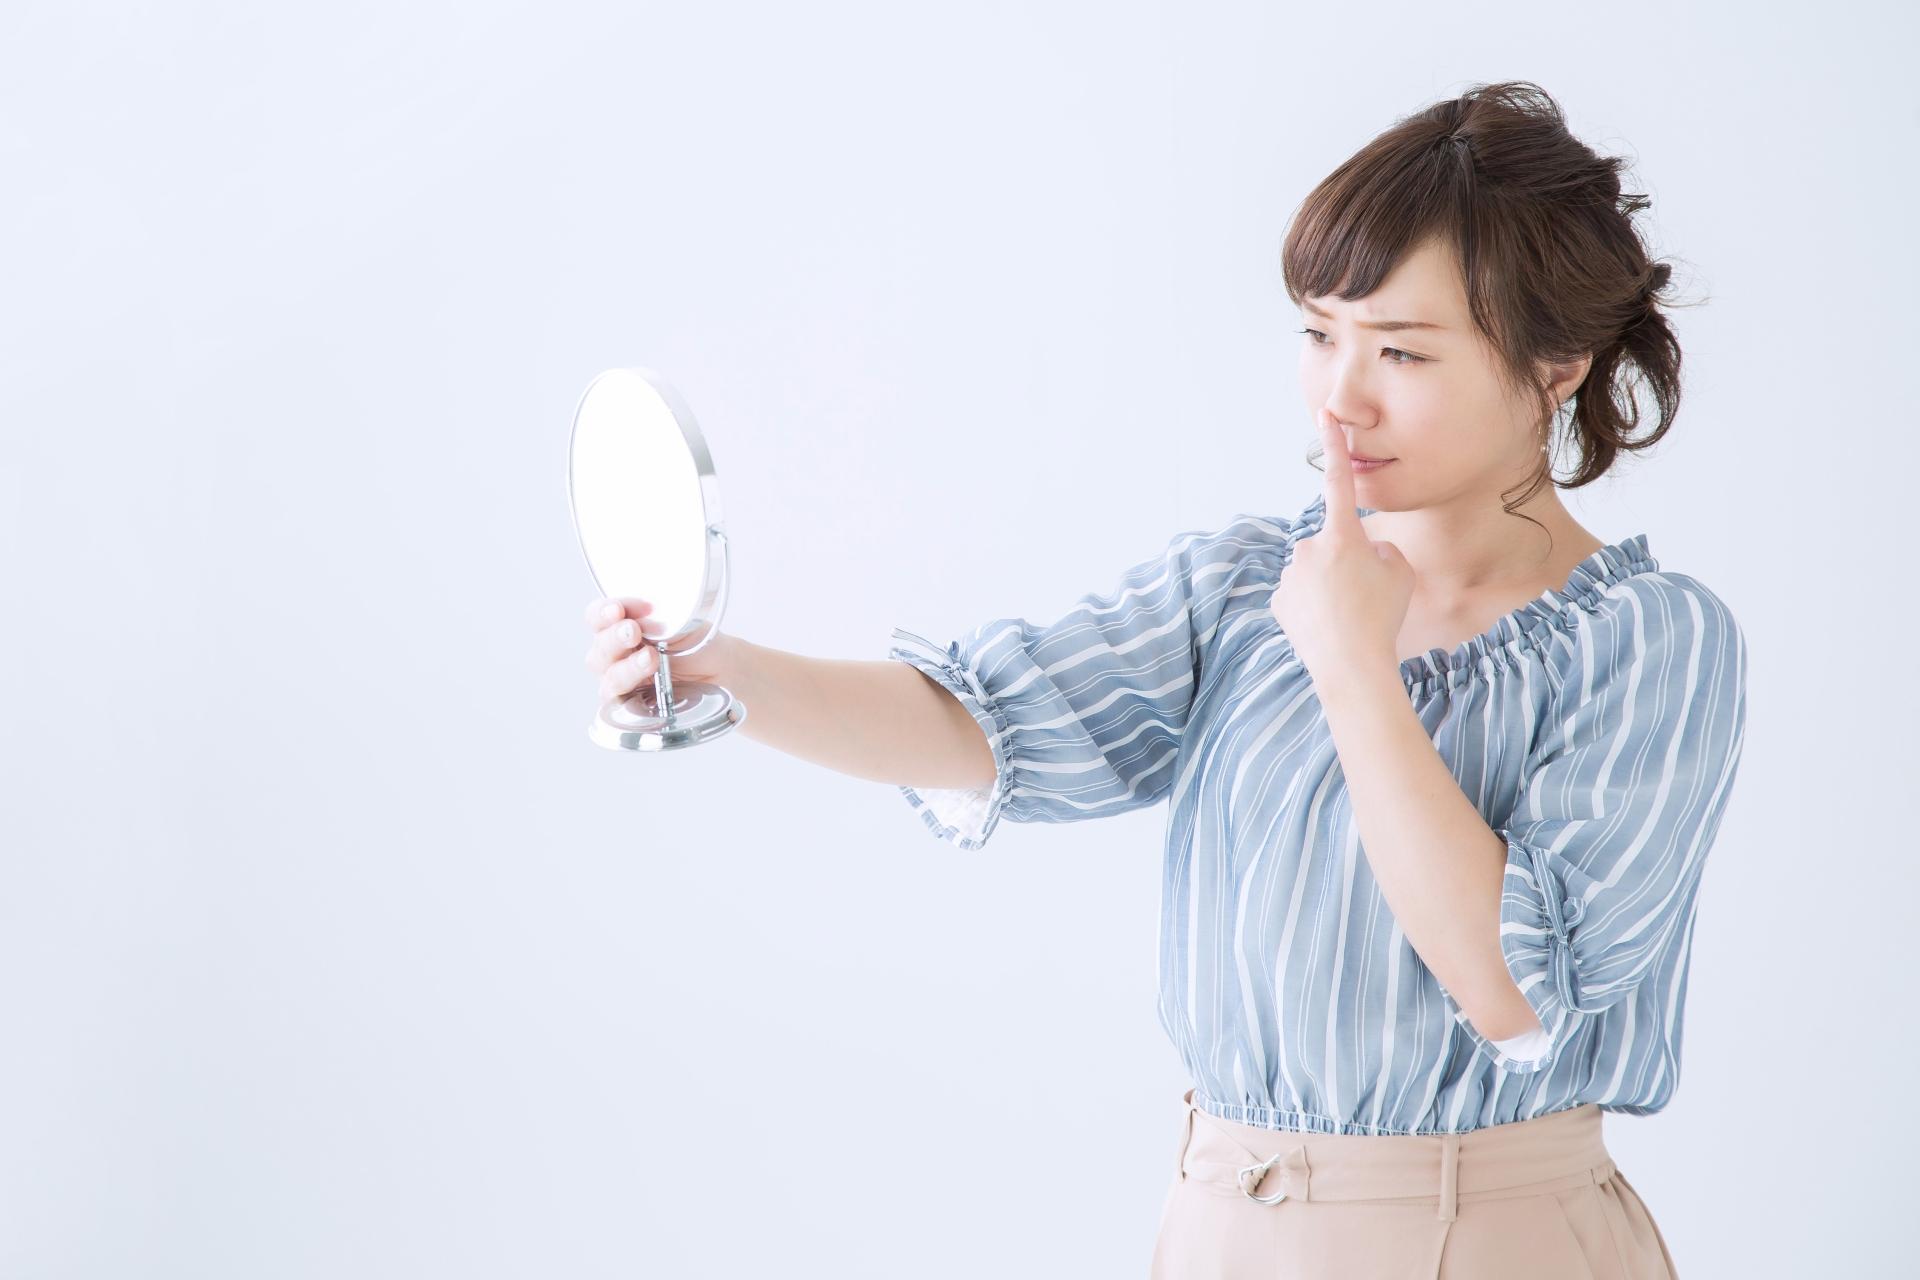 鼻の化粧で気になるぶつぶつの原因は?スキンケアとメイク方法